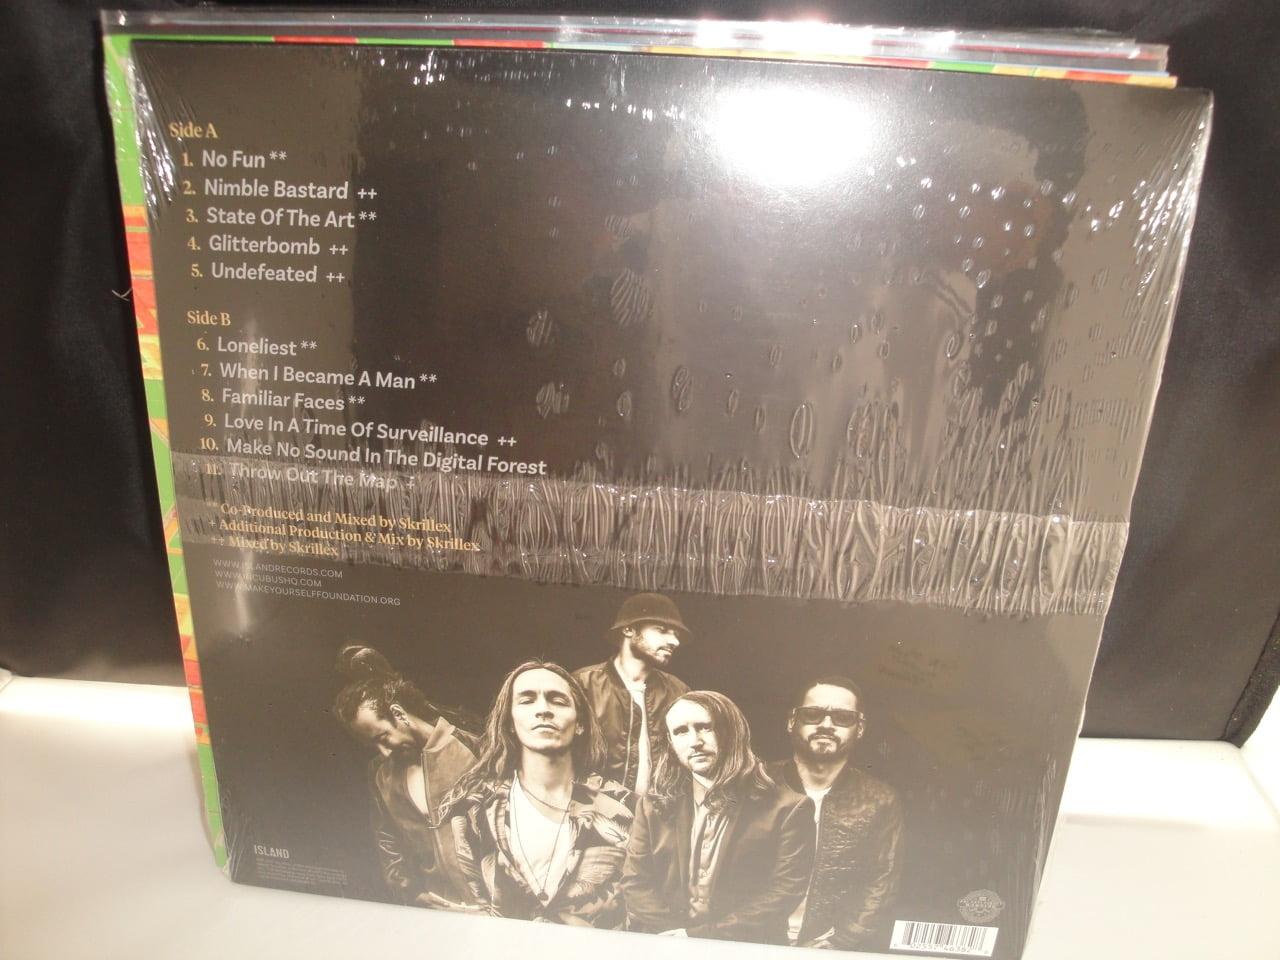 Incubus - 8 - 2017 Vinyl LP with Skrillex